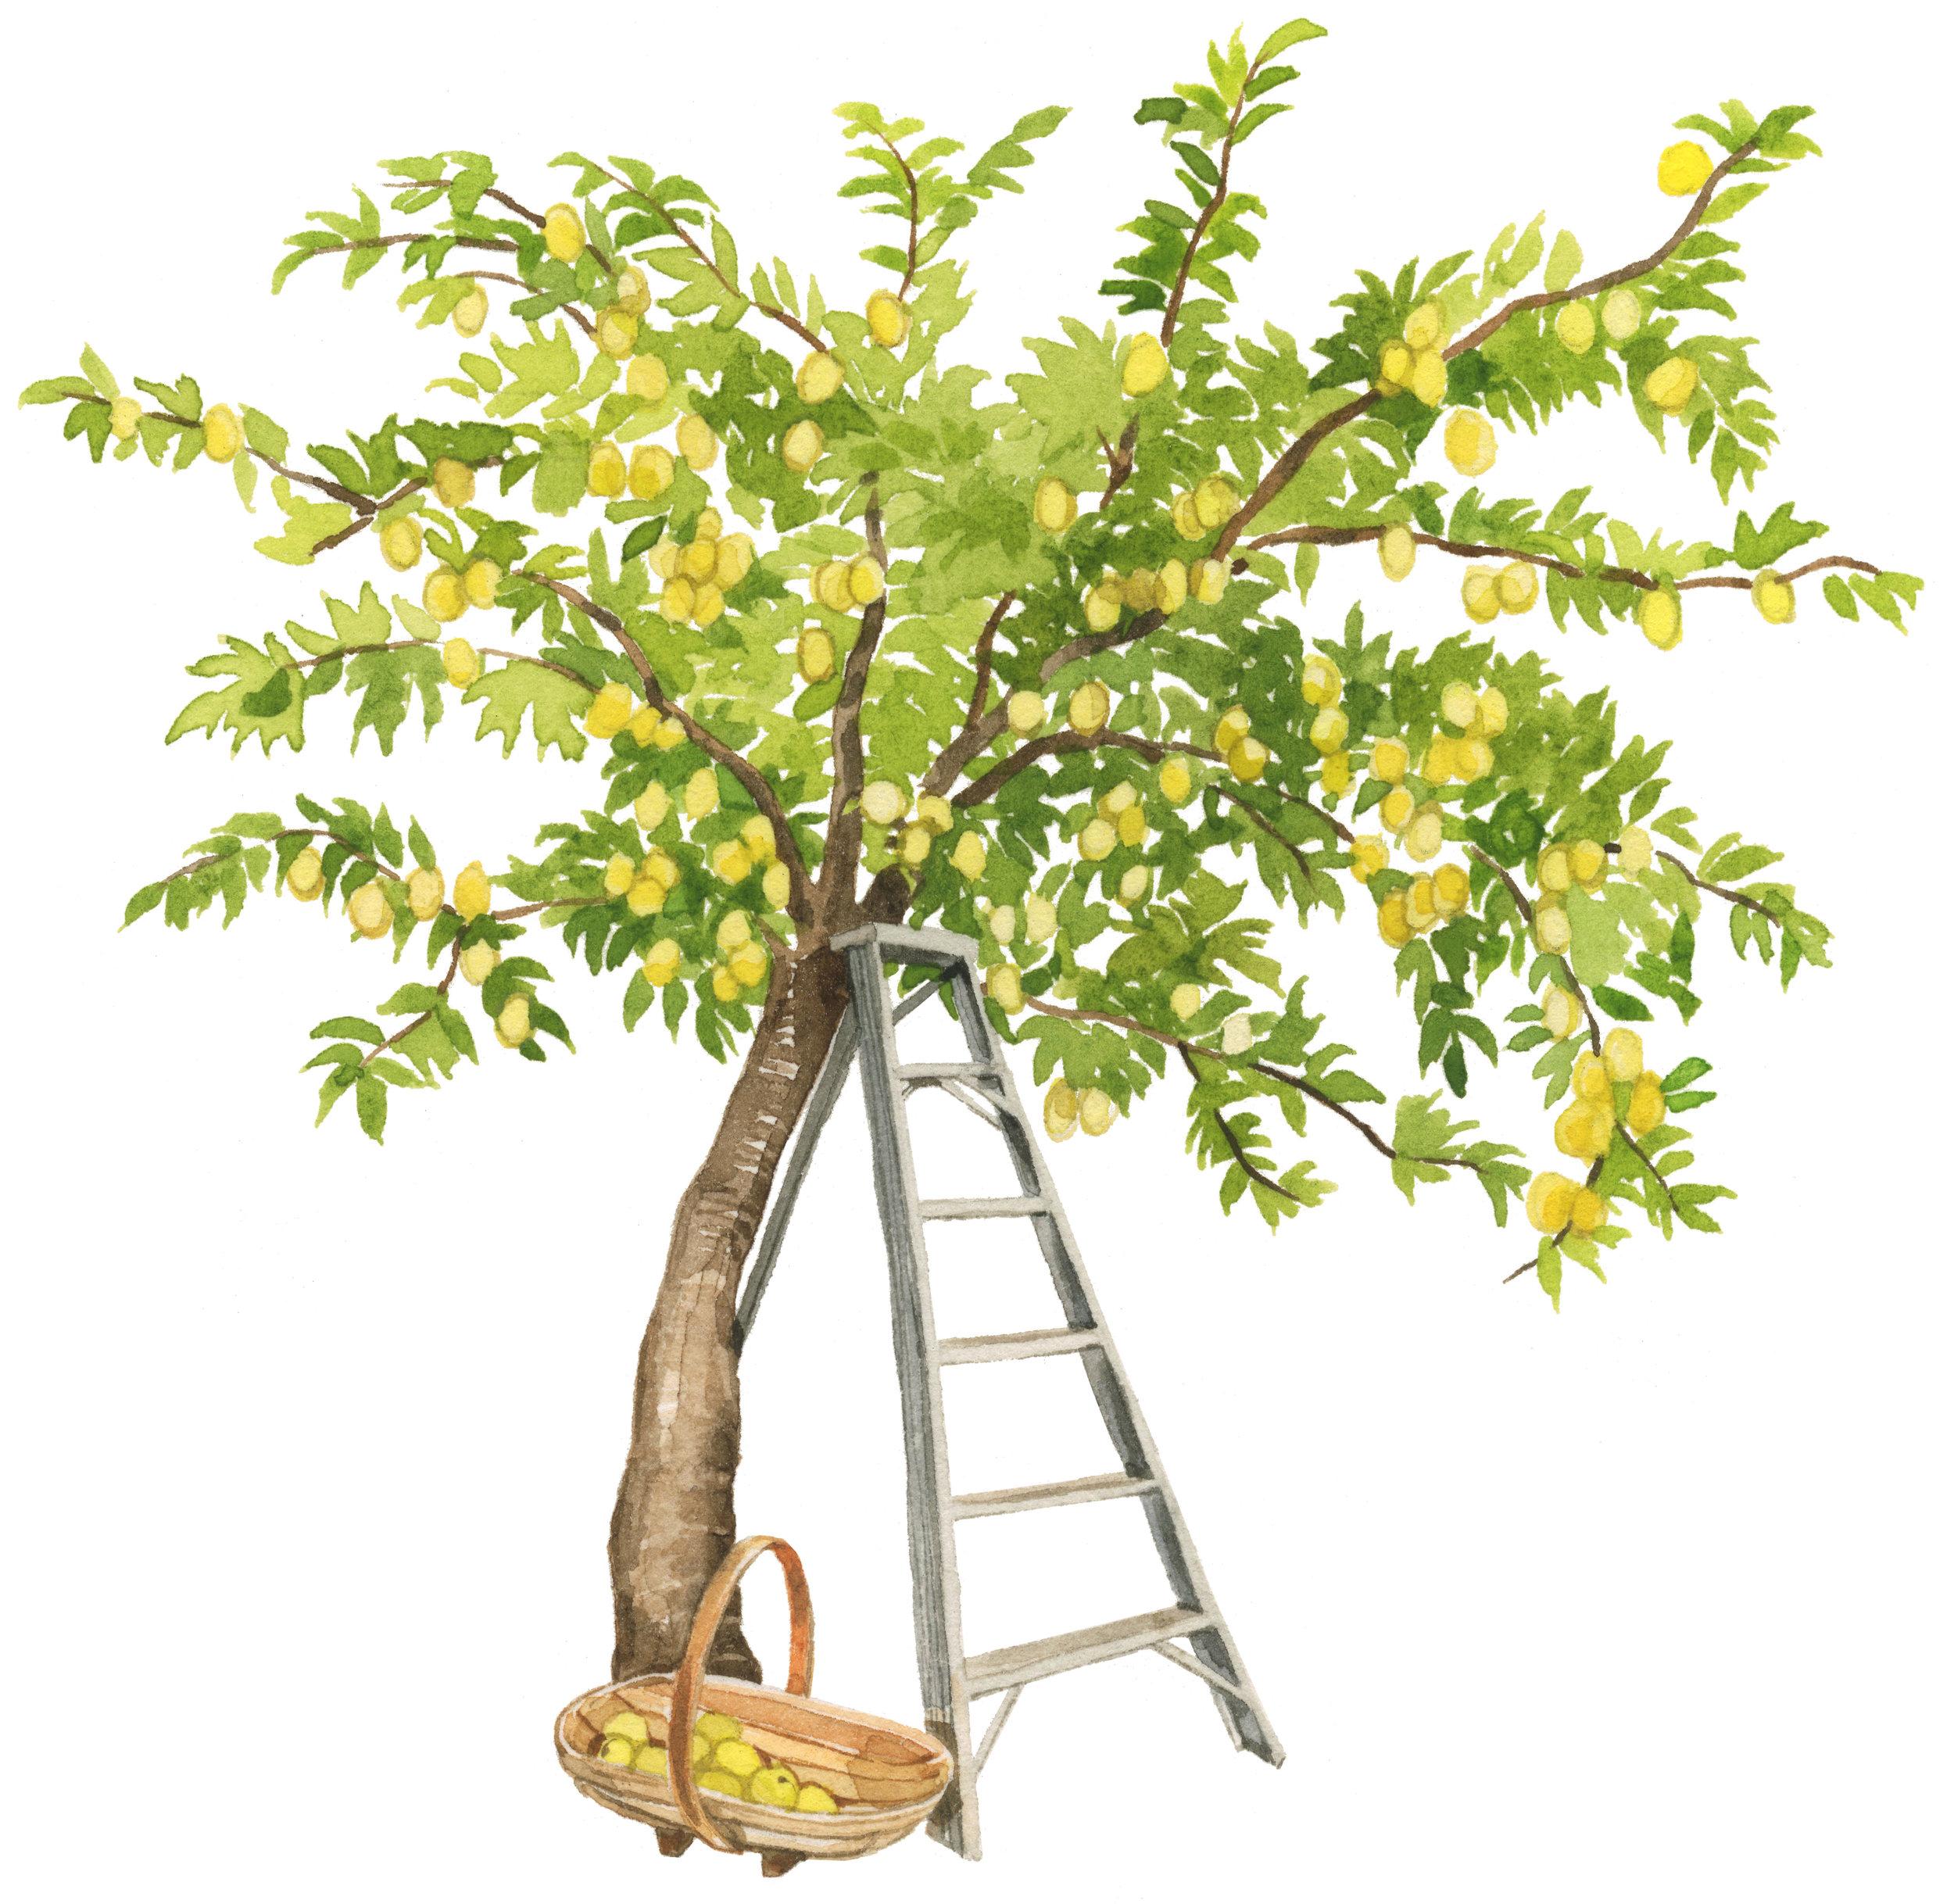 shiro-plum-tree-lrg.jpg